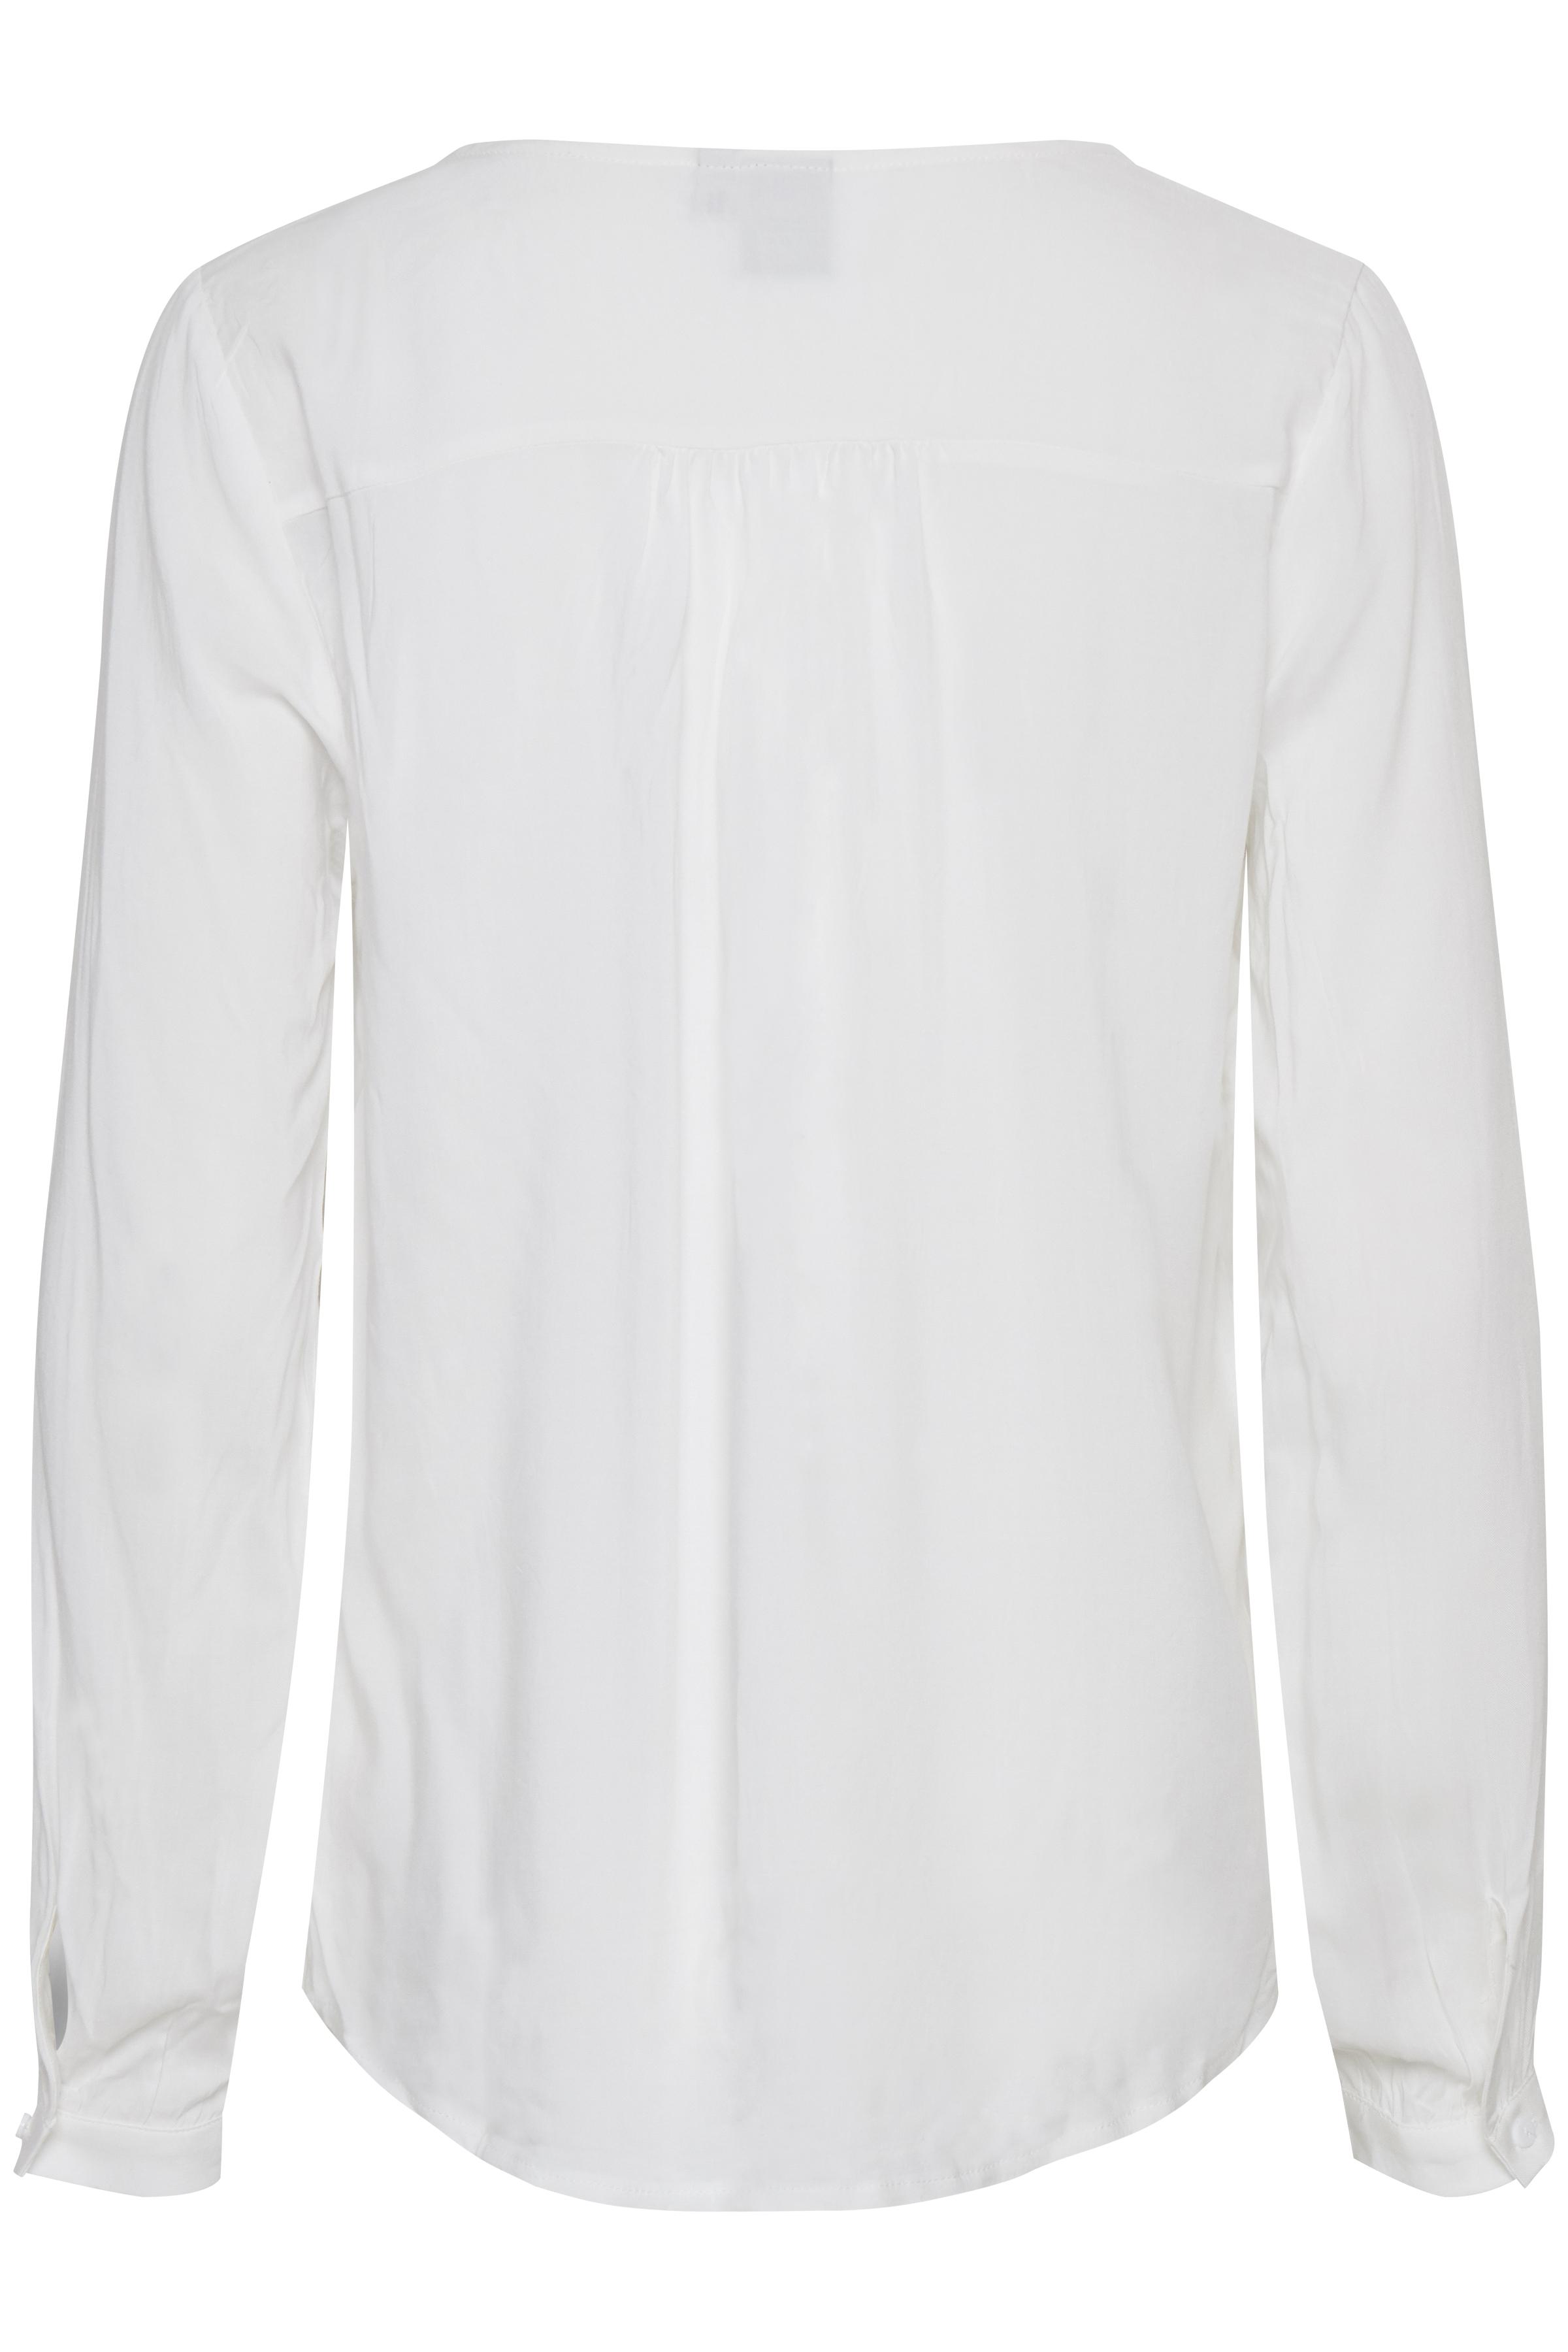 Cloud Dancer Langærmet skjorte – Køb Cloud Dancer Langærmet skjorte fra str. XS-XXL her